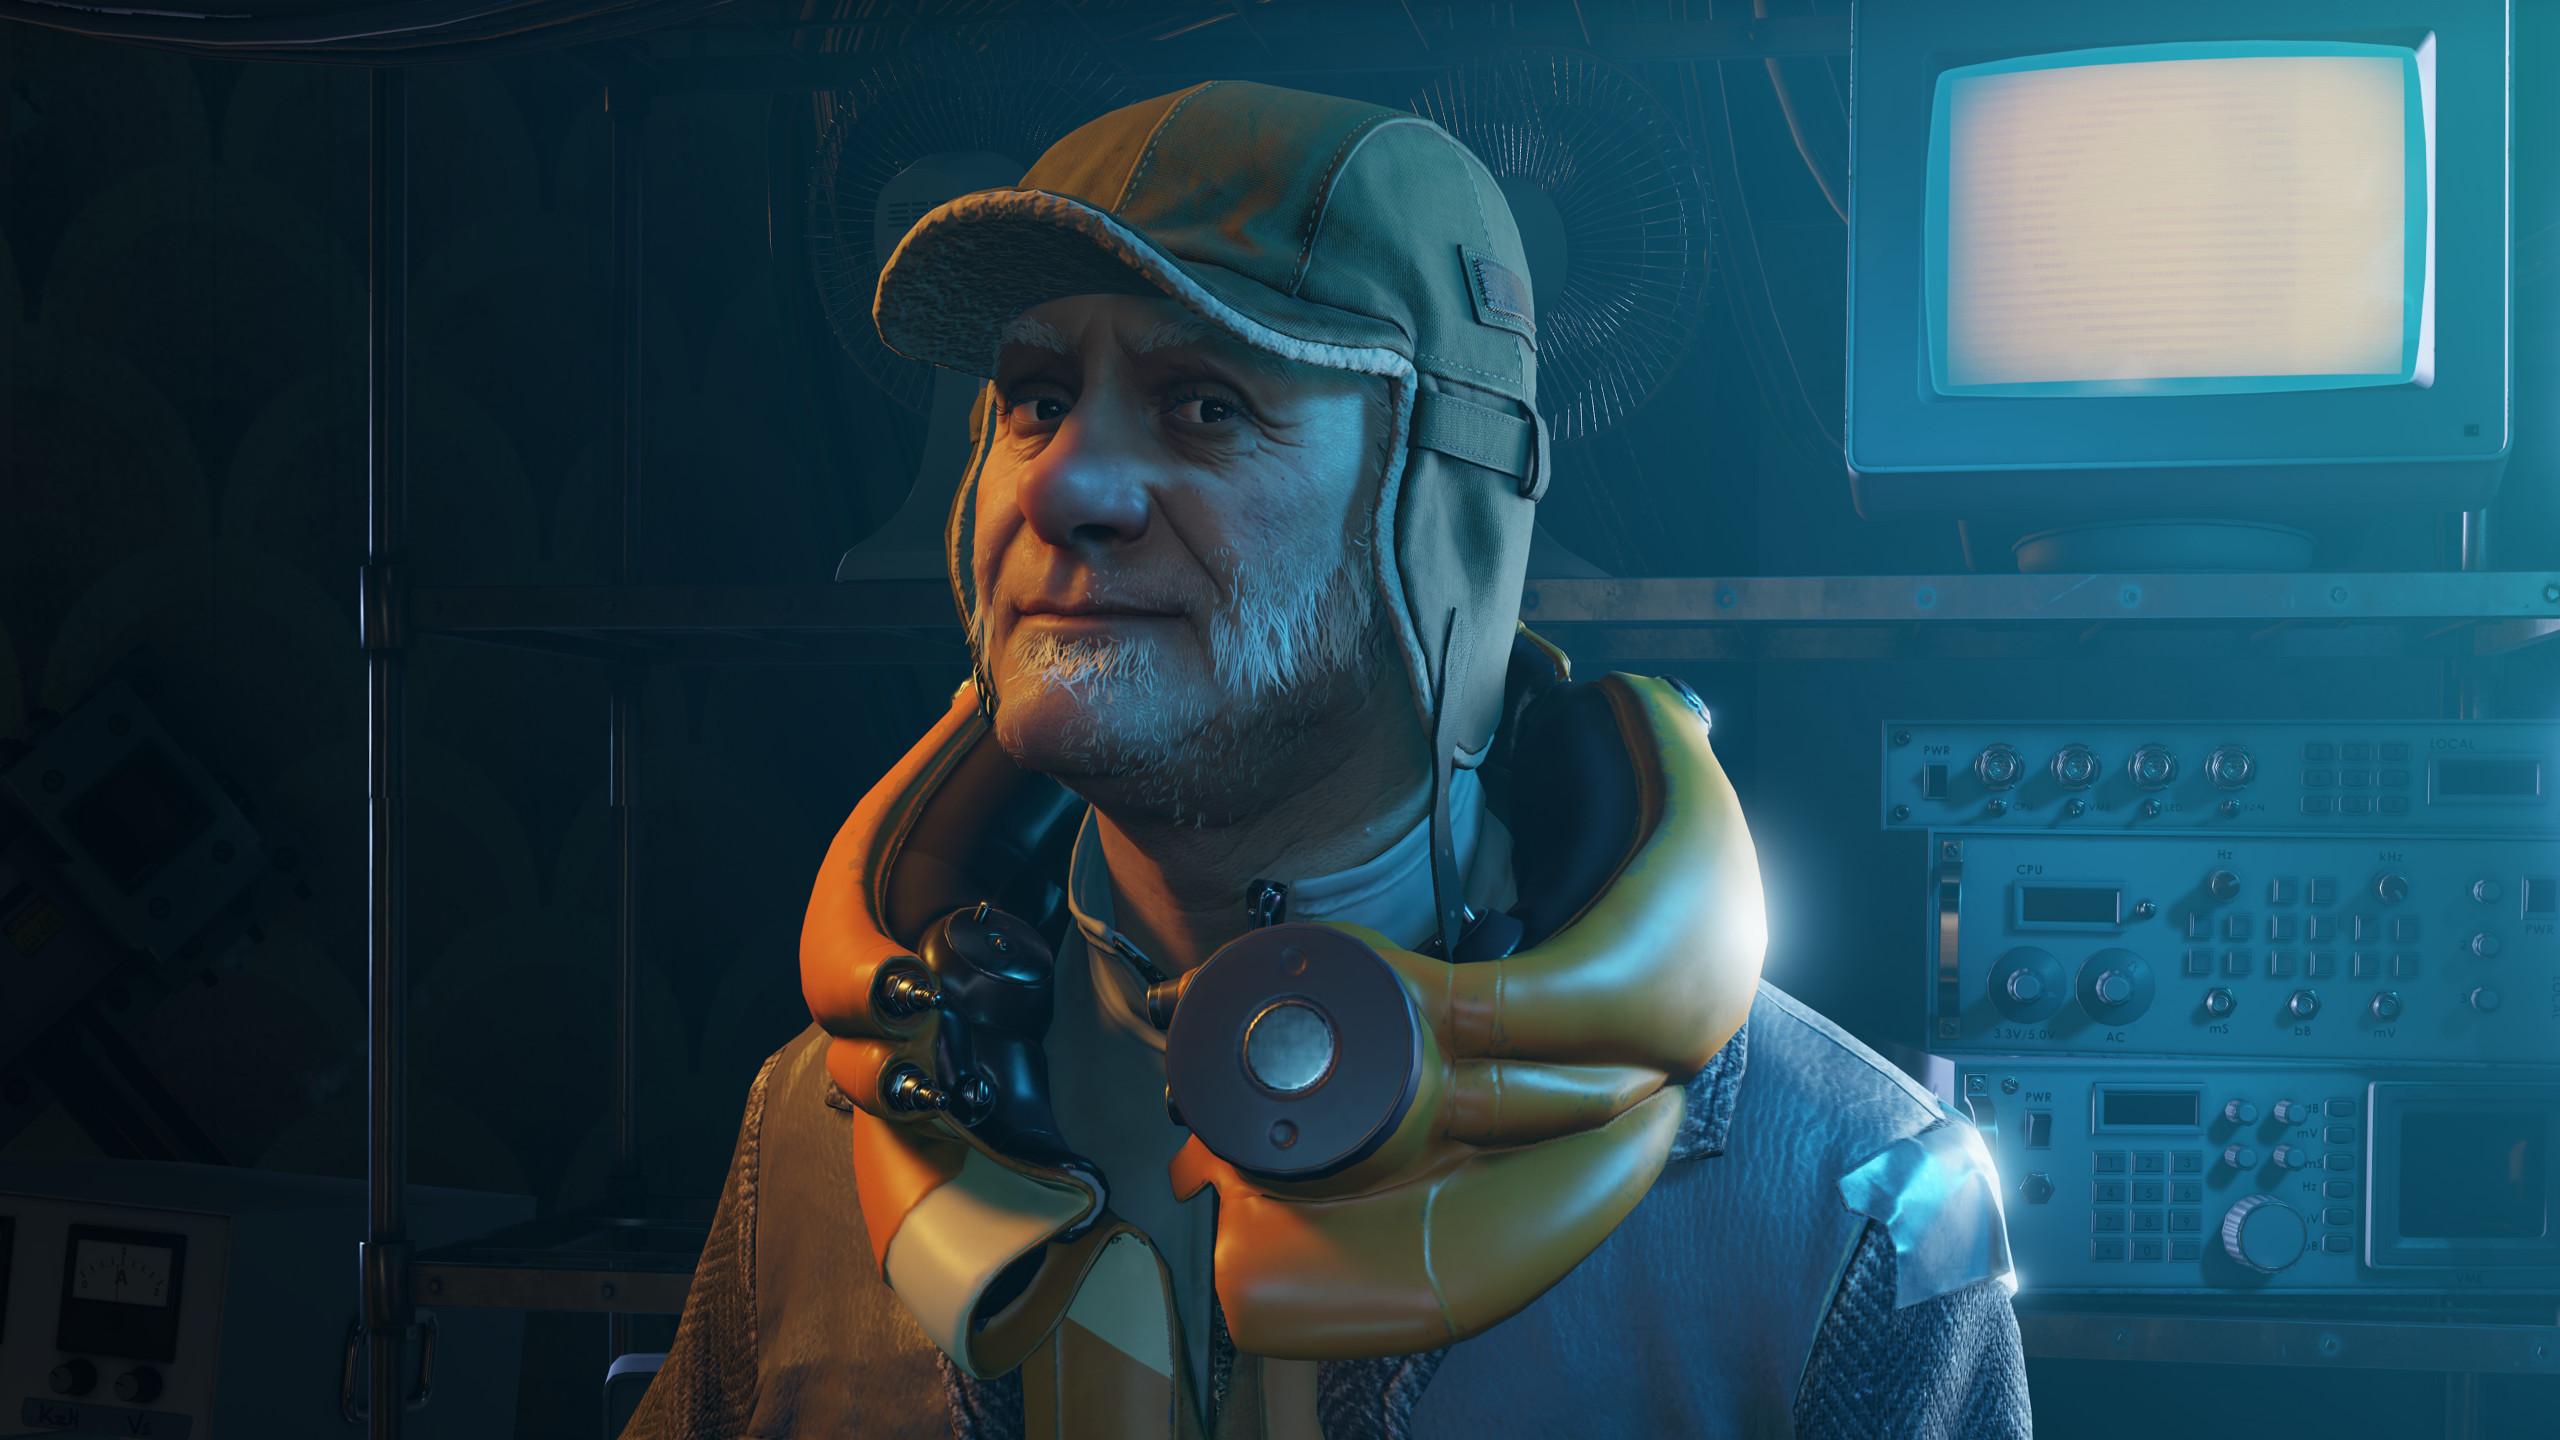 Первый тизер Half-Life: Alyx —VR-приквела Half-Life 2 3